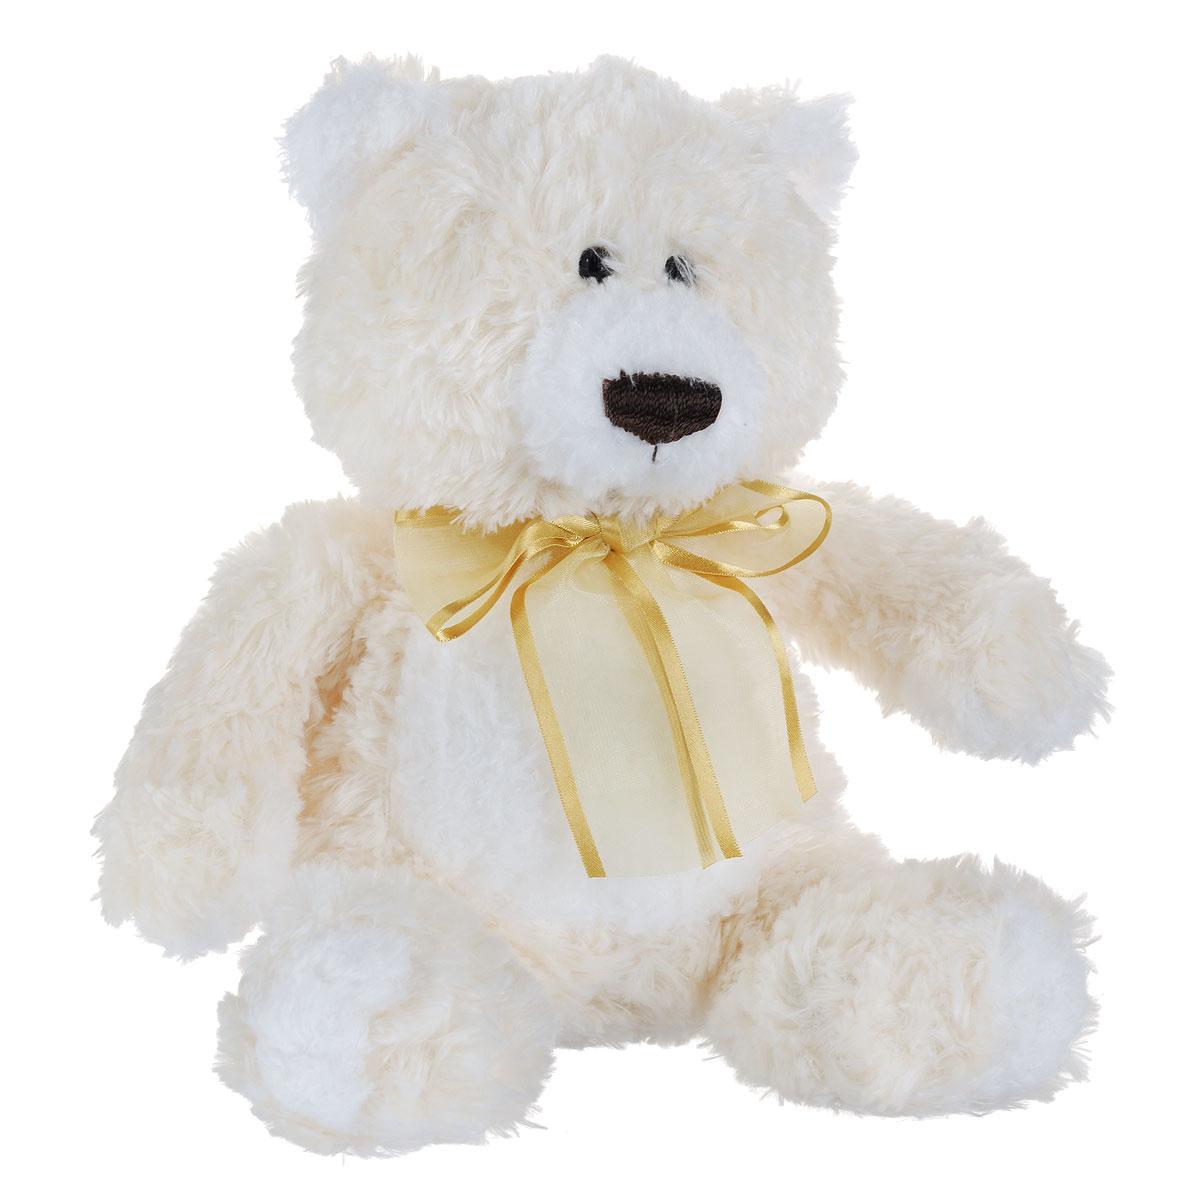 Aurora Мягкая игрушка Медведь с бантом цвет кремовый 25 см30-501Очаровательная мягкая игрушка Aurora Медведь, выполненная в виде медвежонка с бантом на шее, вызовет улыбку у каждого, кто ее увидит. Игрушка изготовлена из высококачественного плюшa с добавлением специальных гранул, которые способствуют развитию мелкой моторики рук малыша. Наполнитель выполнен из гипoaллepгeнного синтепона. Авторский дизайн; ручная работа. Удивительно мягкая игрушка принесет радость и подарит своему обладателю мгновения нежных объятий и приятных воспоминаний. Великолепное качество исполнения делают эту игрушку чудесным подарком к любому празднику.